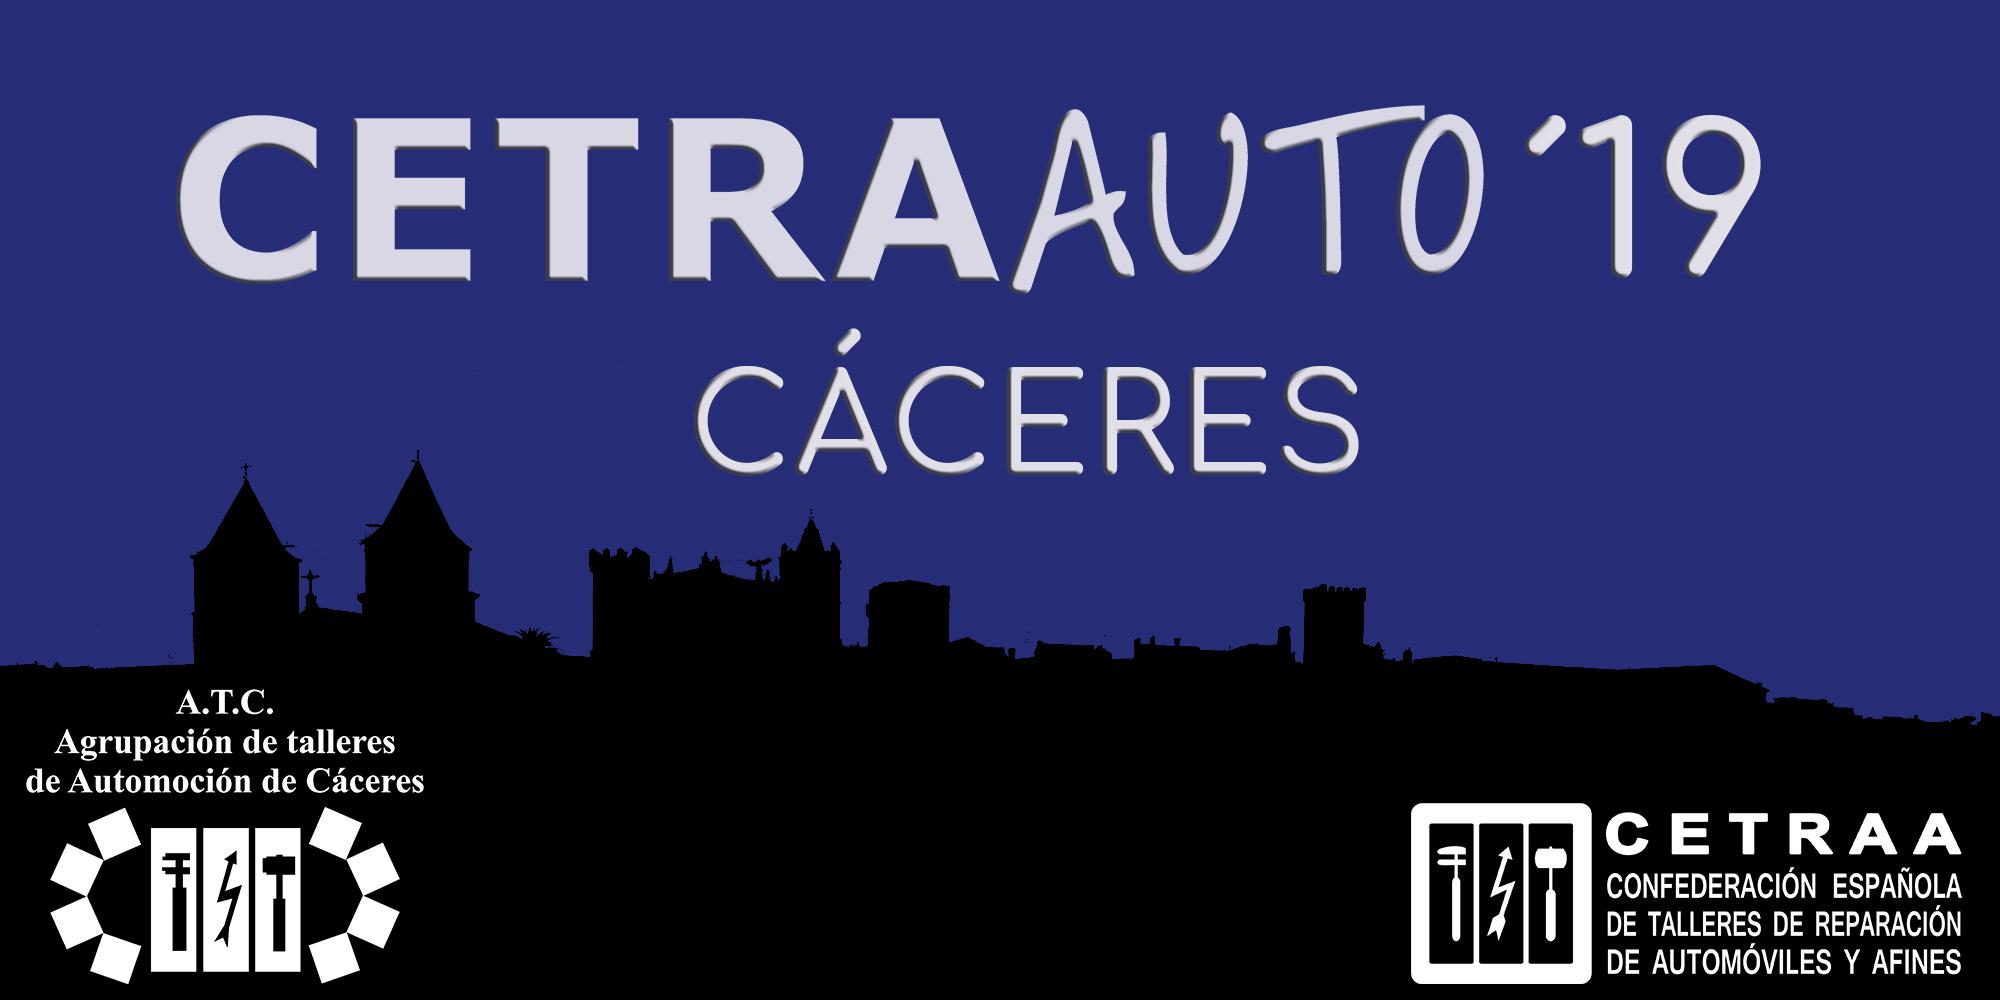 CETRAAuto 2019 Cáceres